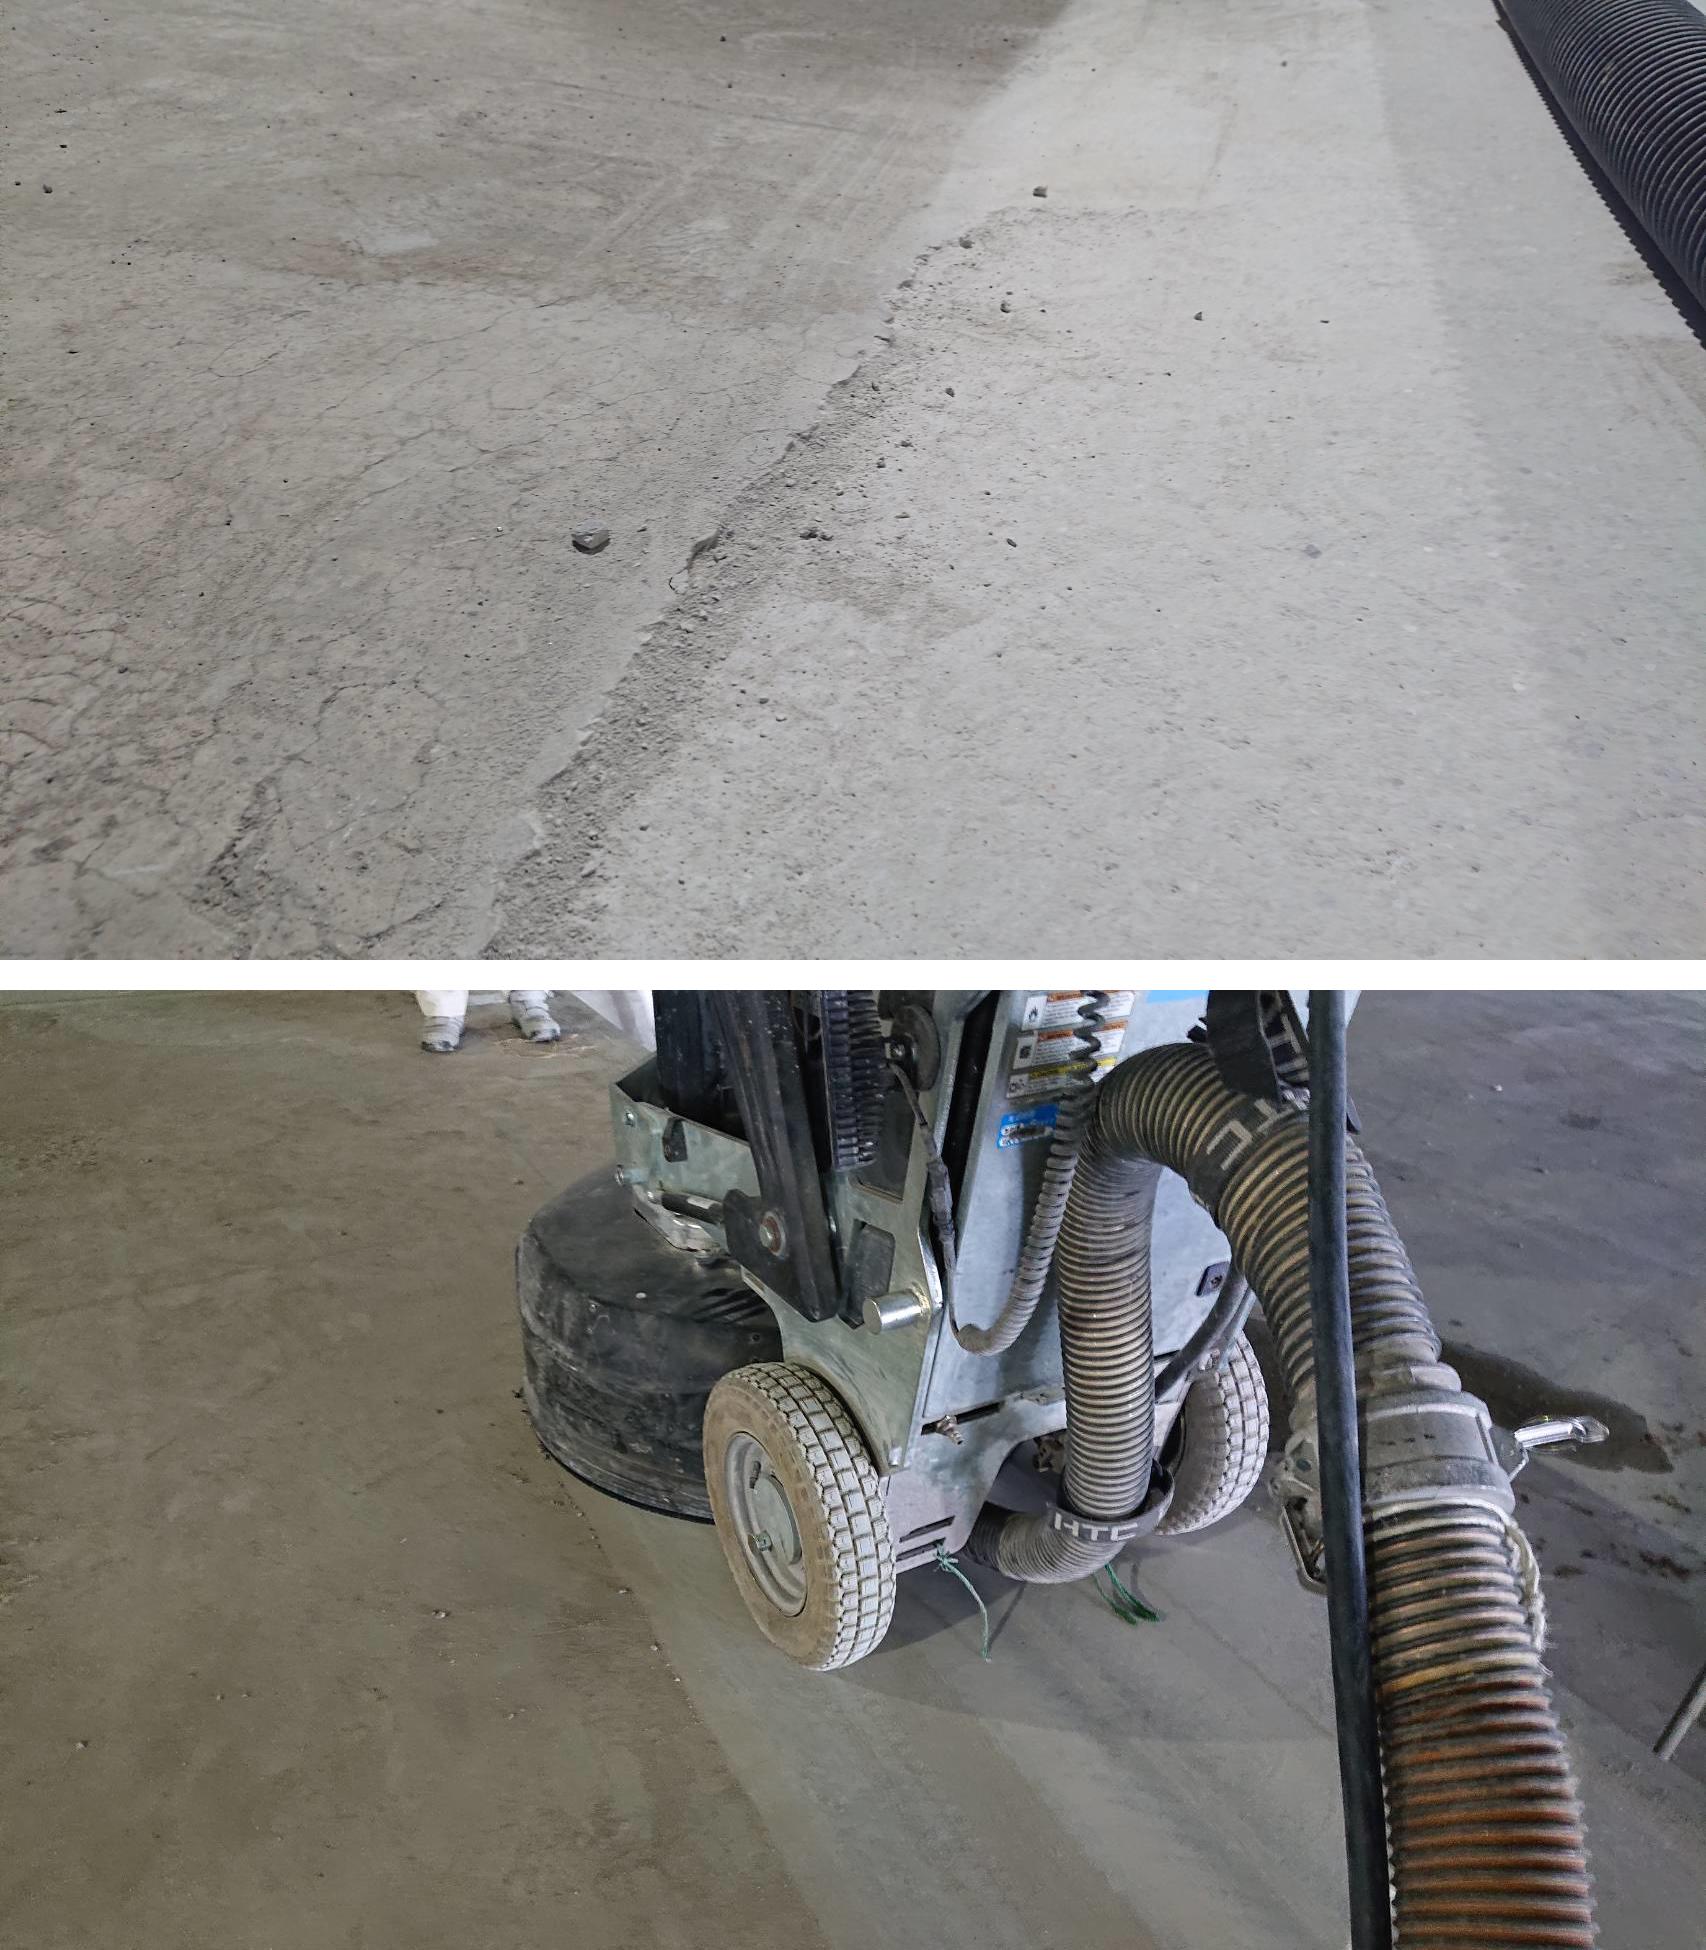 雨打たれの物流倉庫床。床面研磨機『HTC DURATIQ8』でキレイに平滑研磨処理。